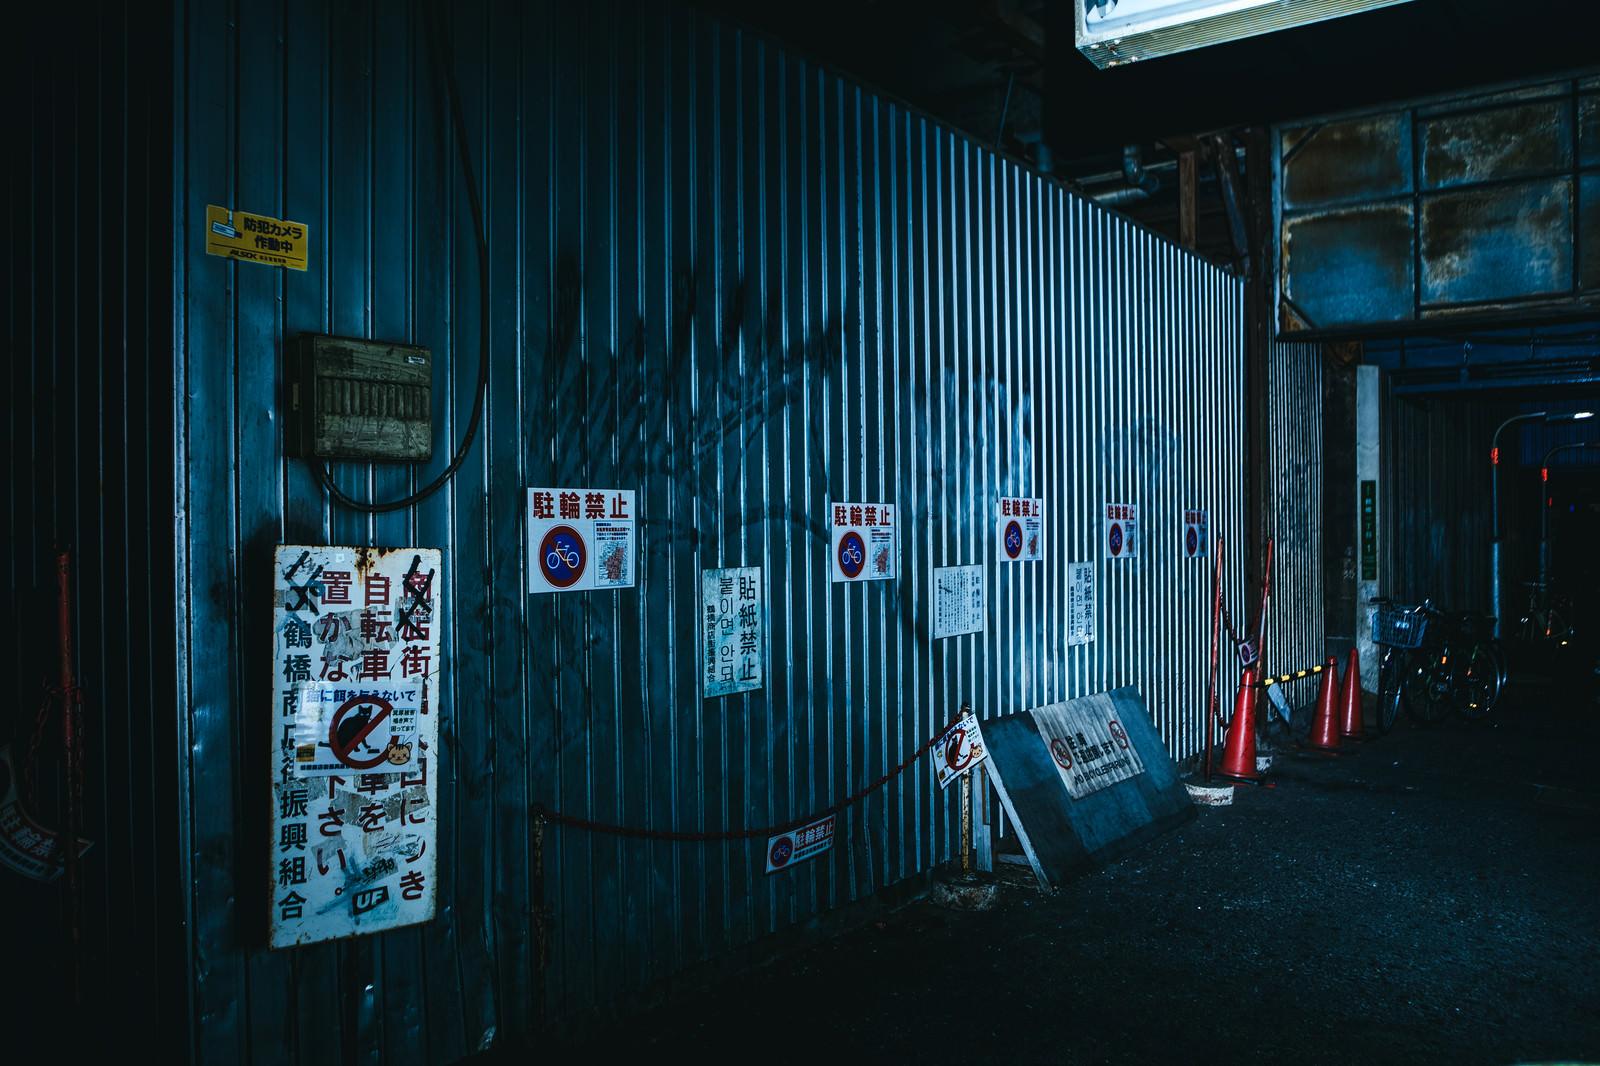 「落書きされた壁と駐輪禁止の張り紙(鶴橋)」の写真